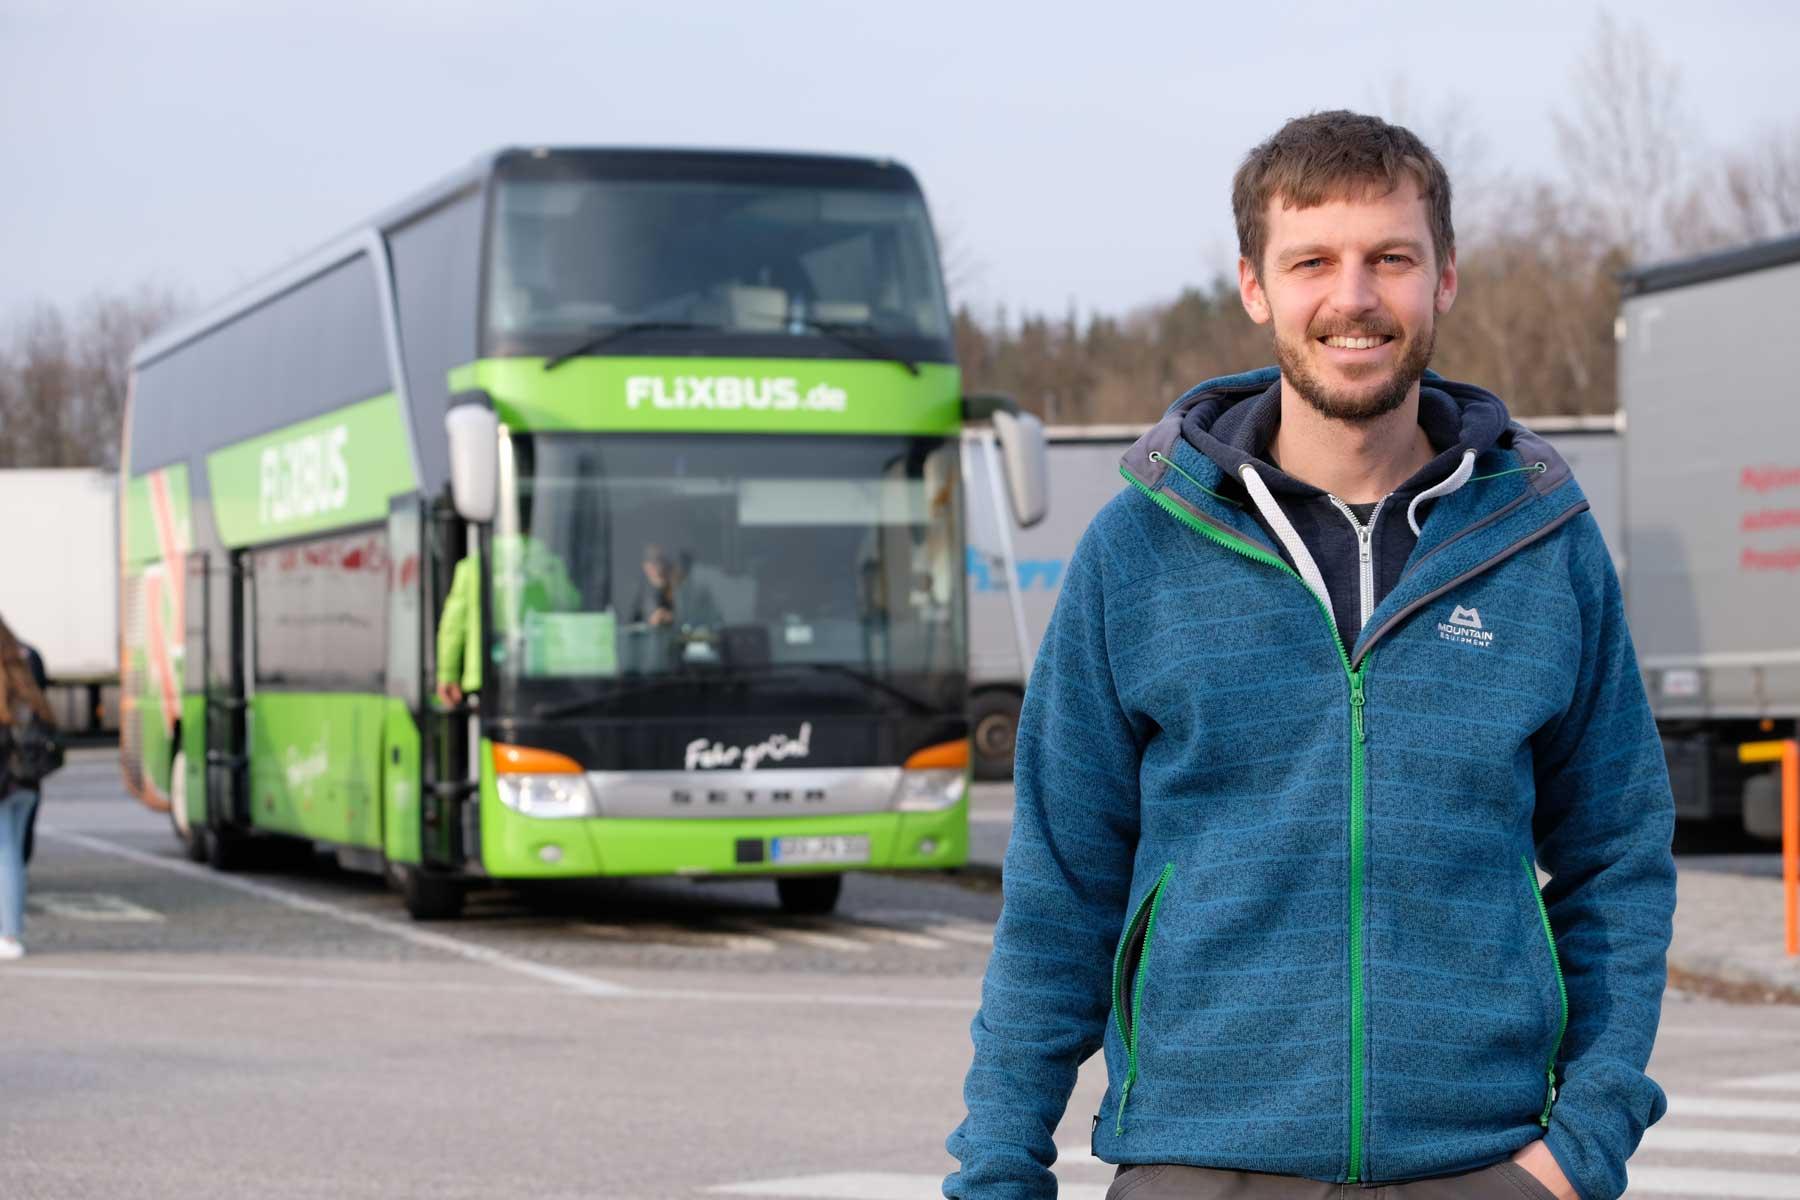 Zum ersten Mal reisen wir innerhalb Europas mit einem Fernbus. In den anderen Ländern der Reise ist dies die normale Fortbewegungsmethode – Züge werden selten